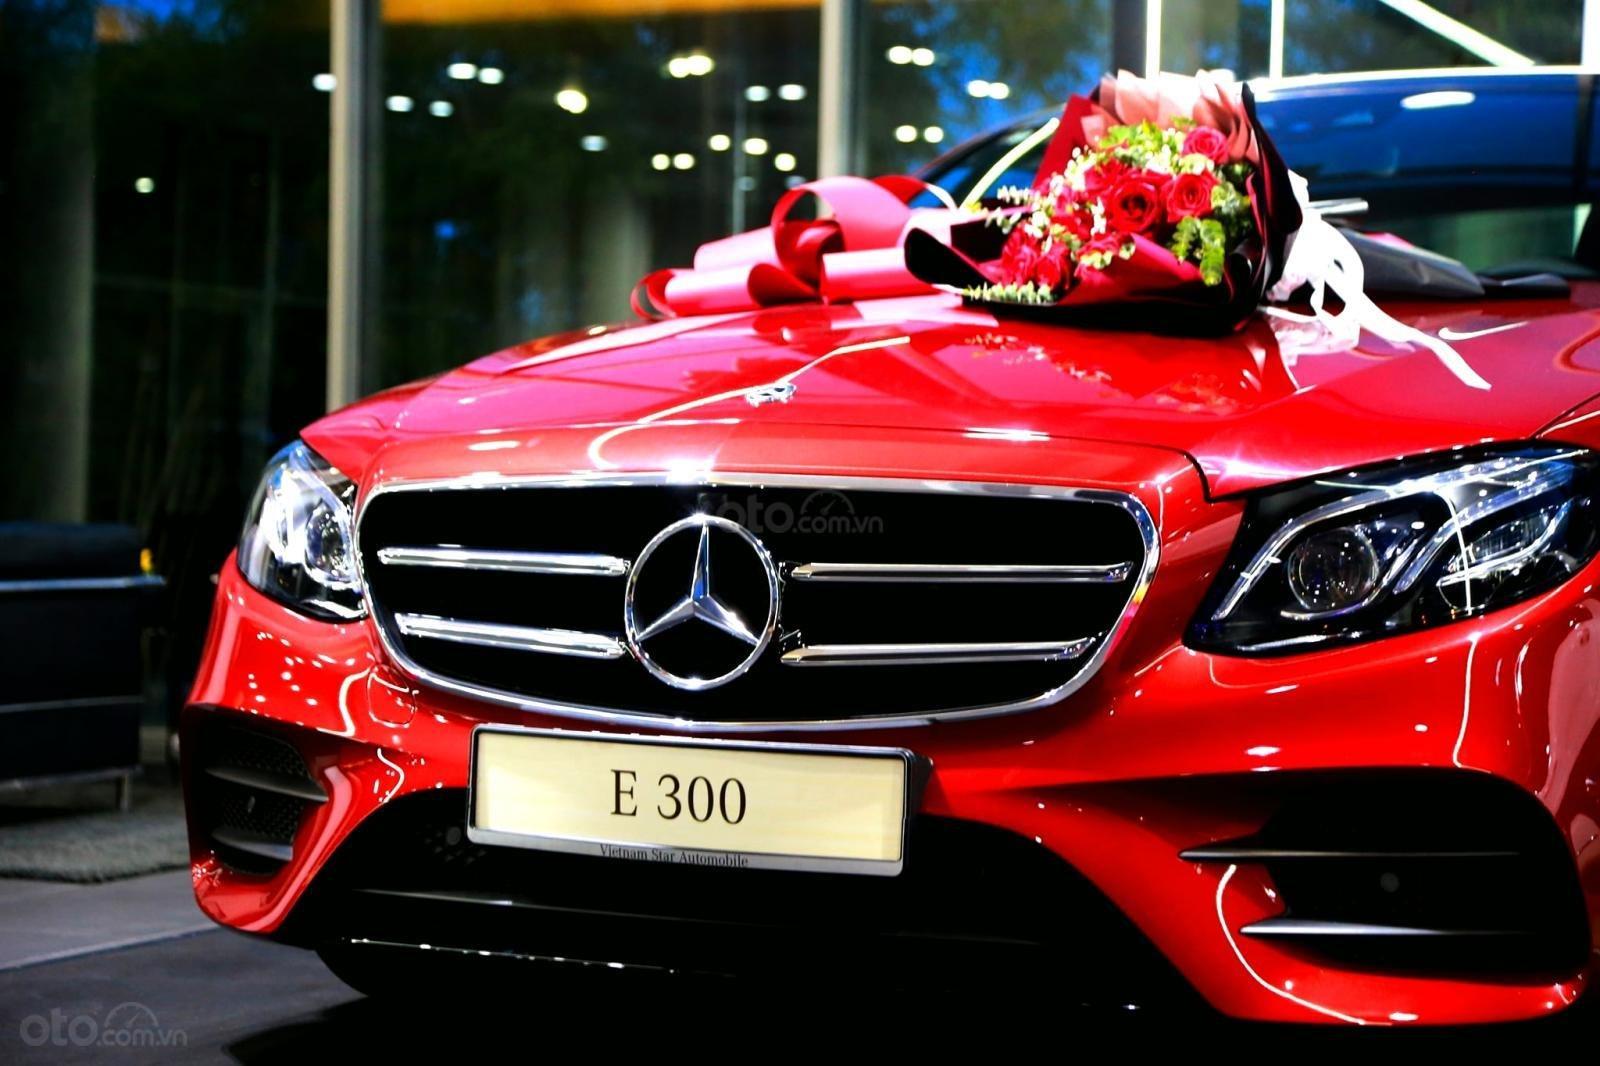 Mercedes-Benz E300 AMG sang trọng - đẳng cấp, giảm giá tiền mặt 150.000.000, có sẵn giao ngay (9)